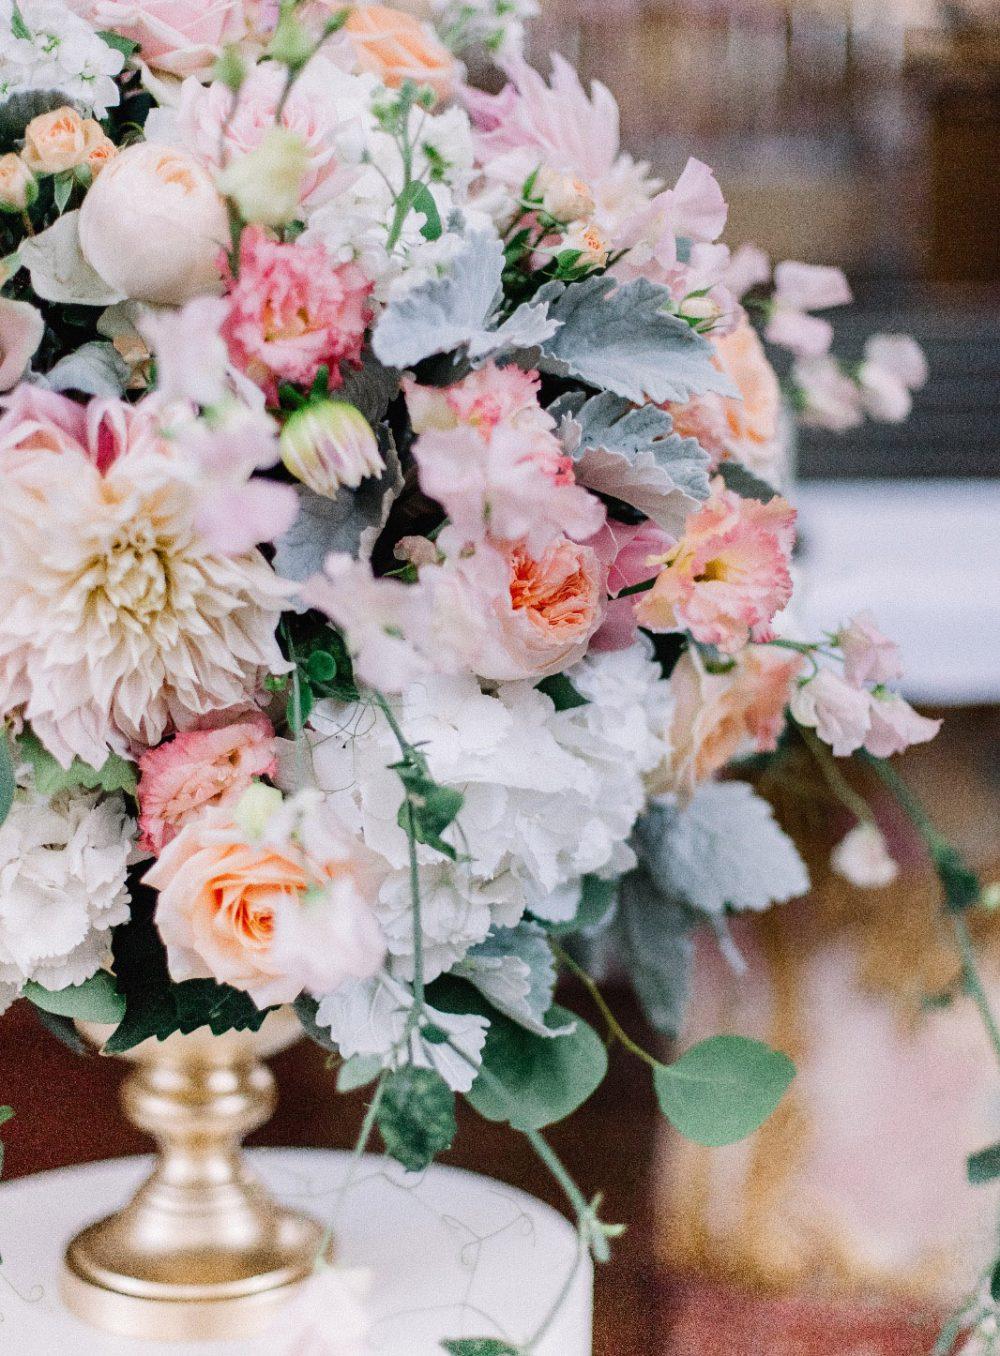 Hochzeit Klosterkirche Muri Lake Lucerne Wedding Blush Rosa Zartrosa Grau Weiss Apricot Peach Hochzeitsblumen Schweiz Floristik und Dekoration Tabea Maria-Lisa Dahlien